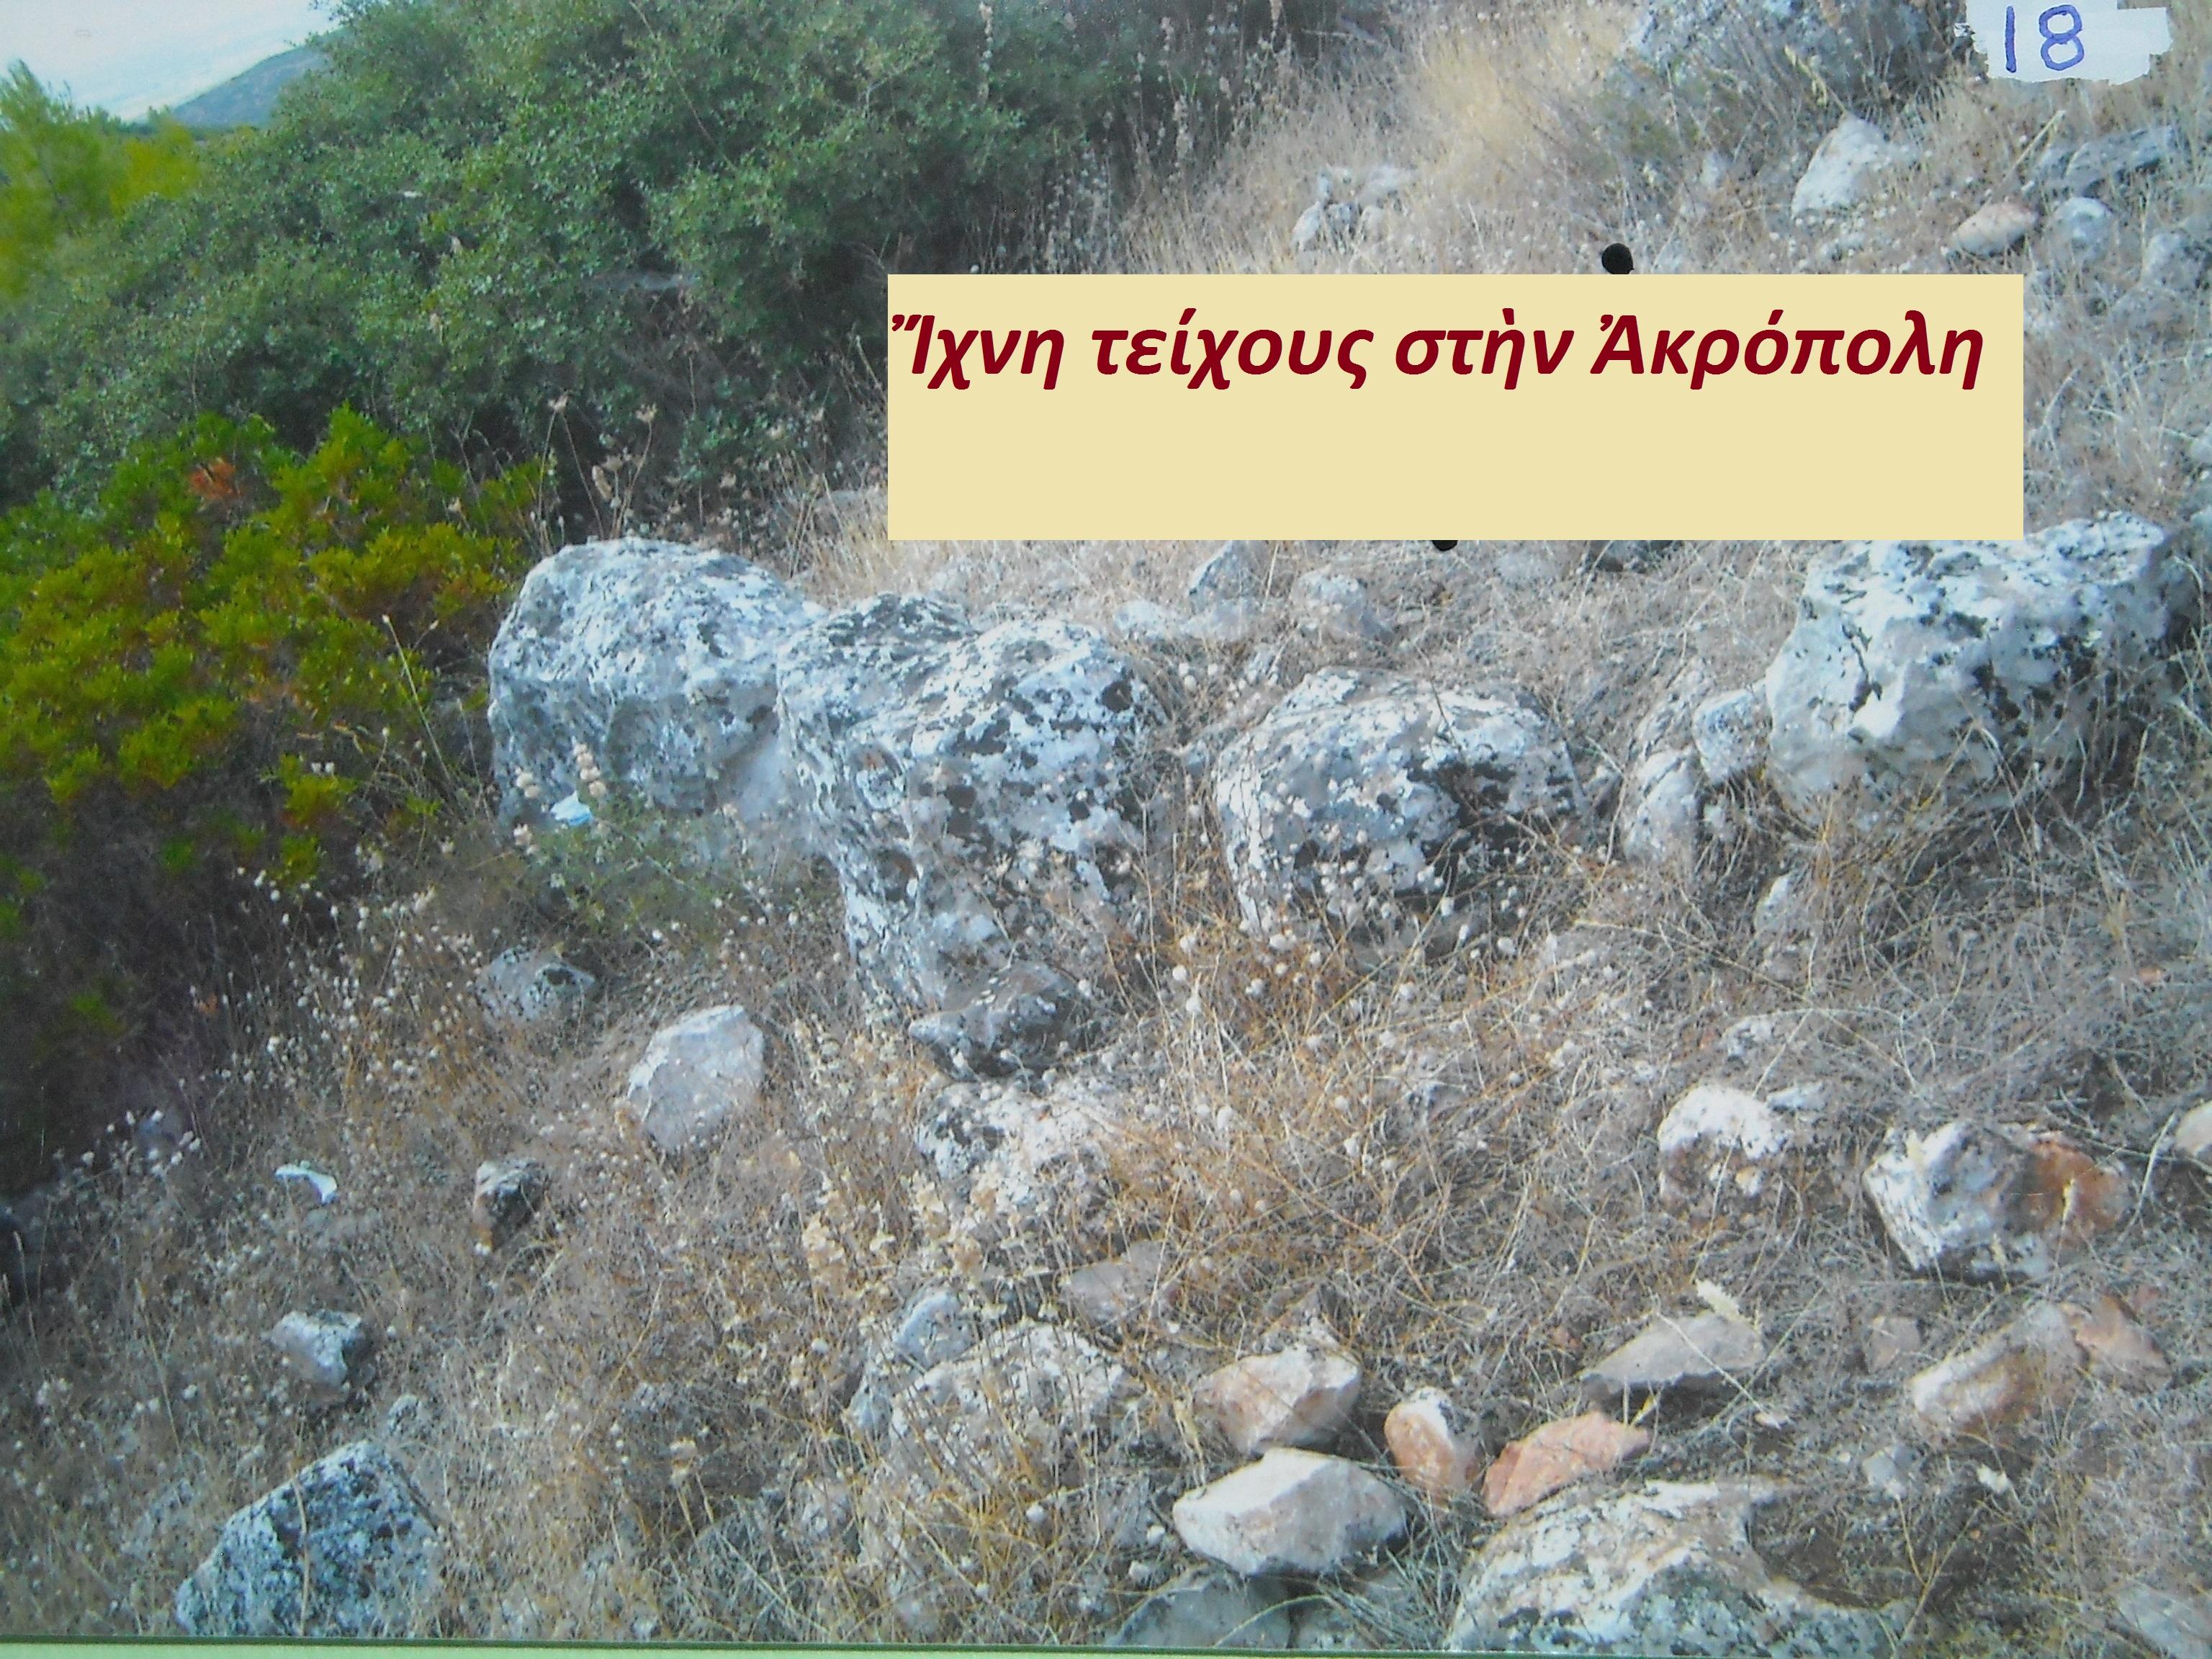 Ἡ ἀρχαία Κυρτώνη καὶ ἡ ἔρις γιὰ τὴν θέση της.17